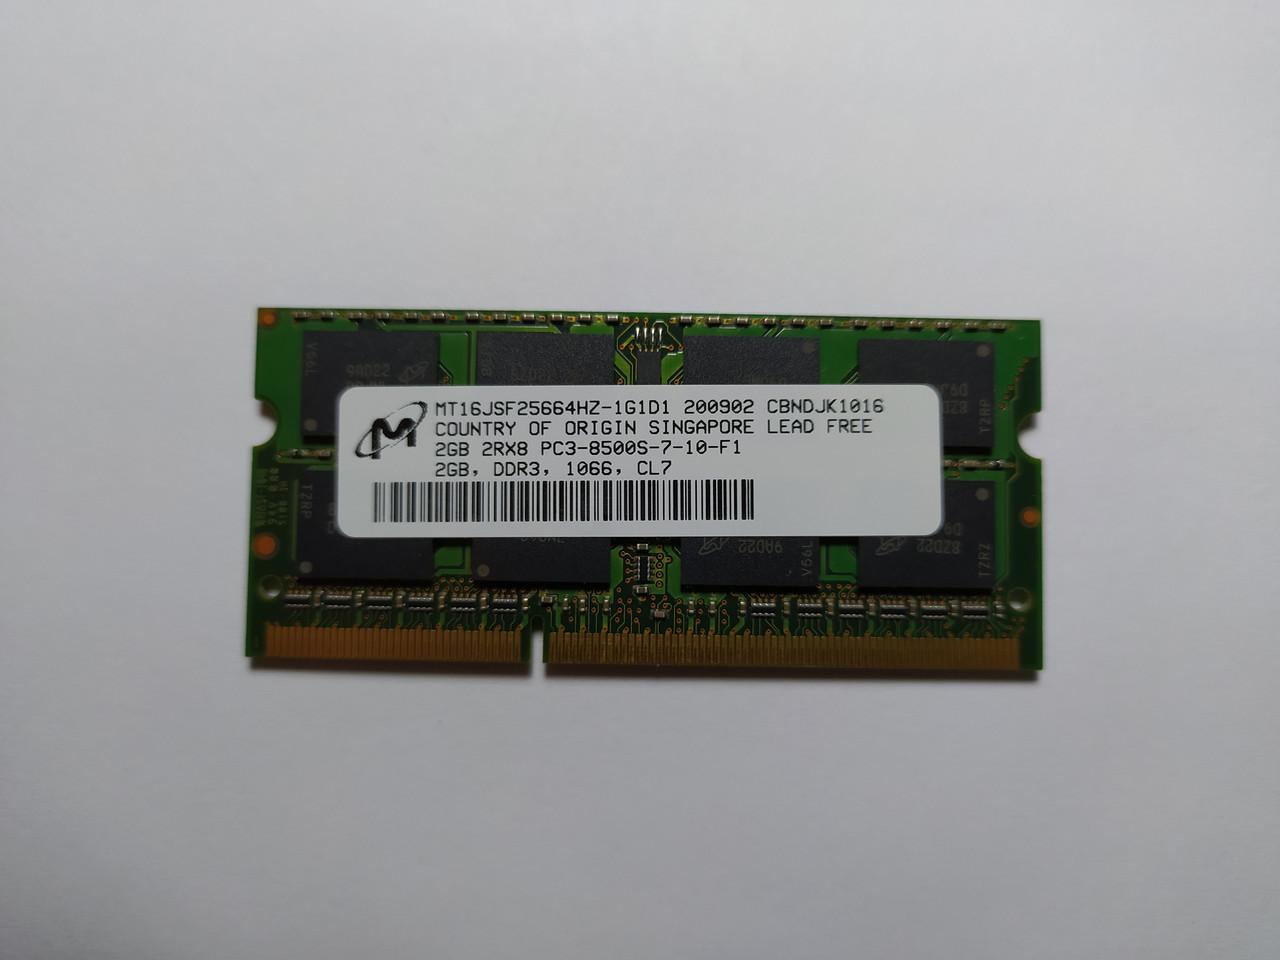 Оперативная память для ноутбука SODIMM Micron DDR3 2Gb 1066MHz PC3-8500S (MT16JSF25664HZ-1G1D1) Б/У